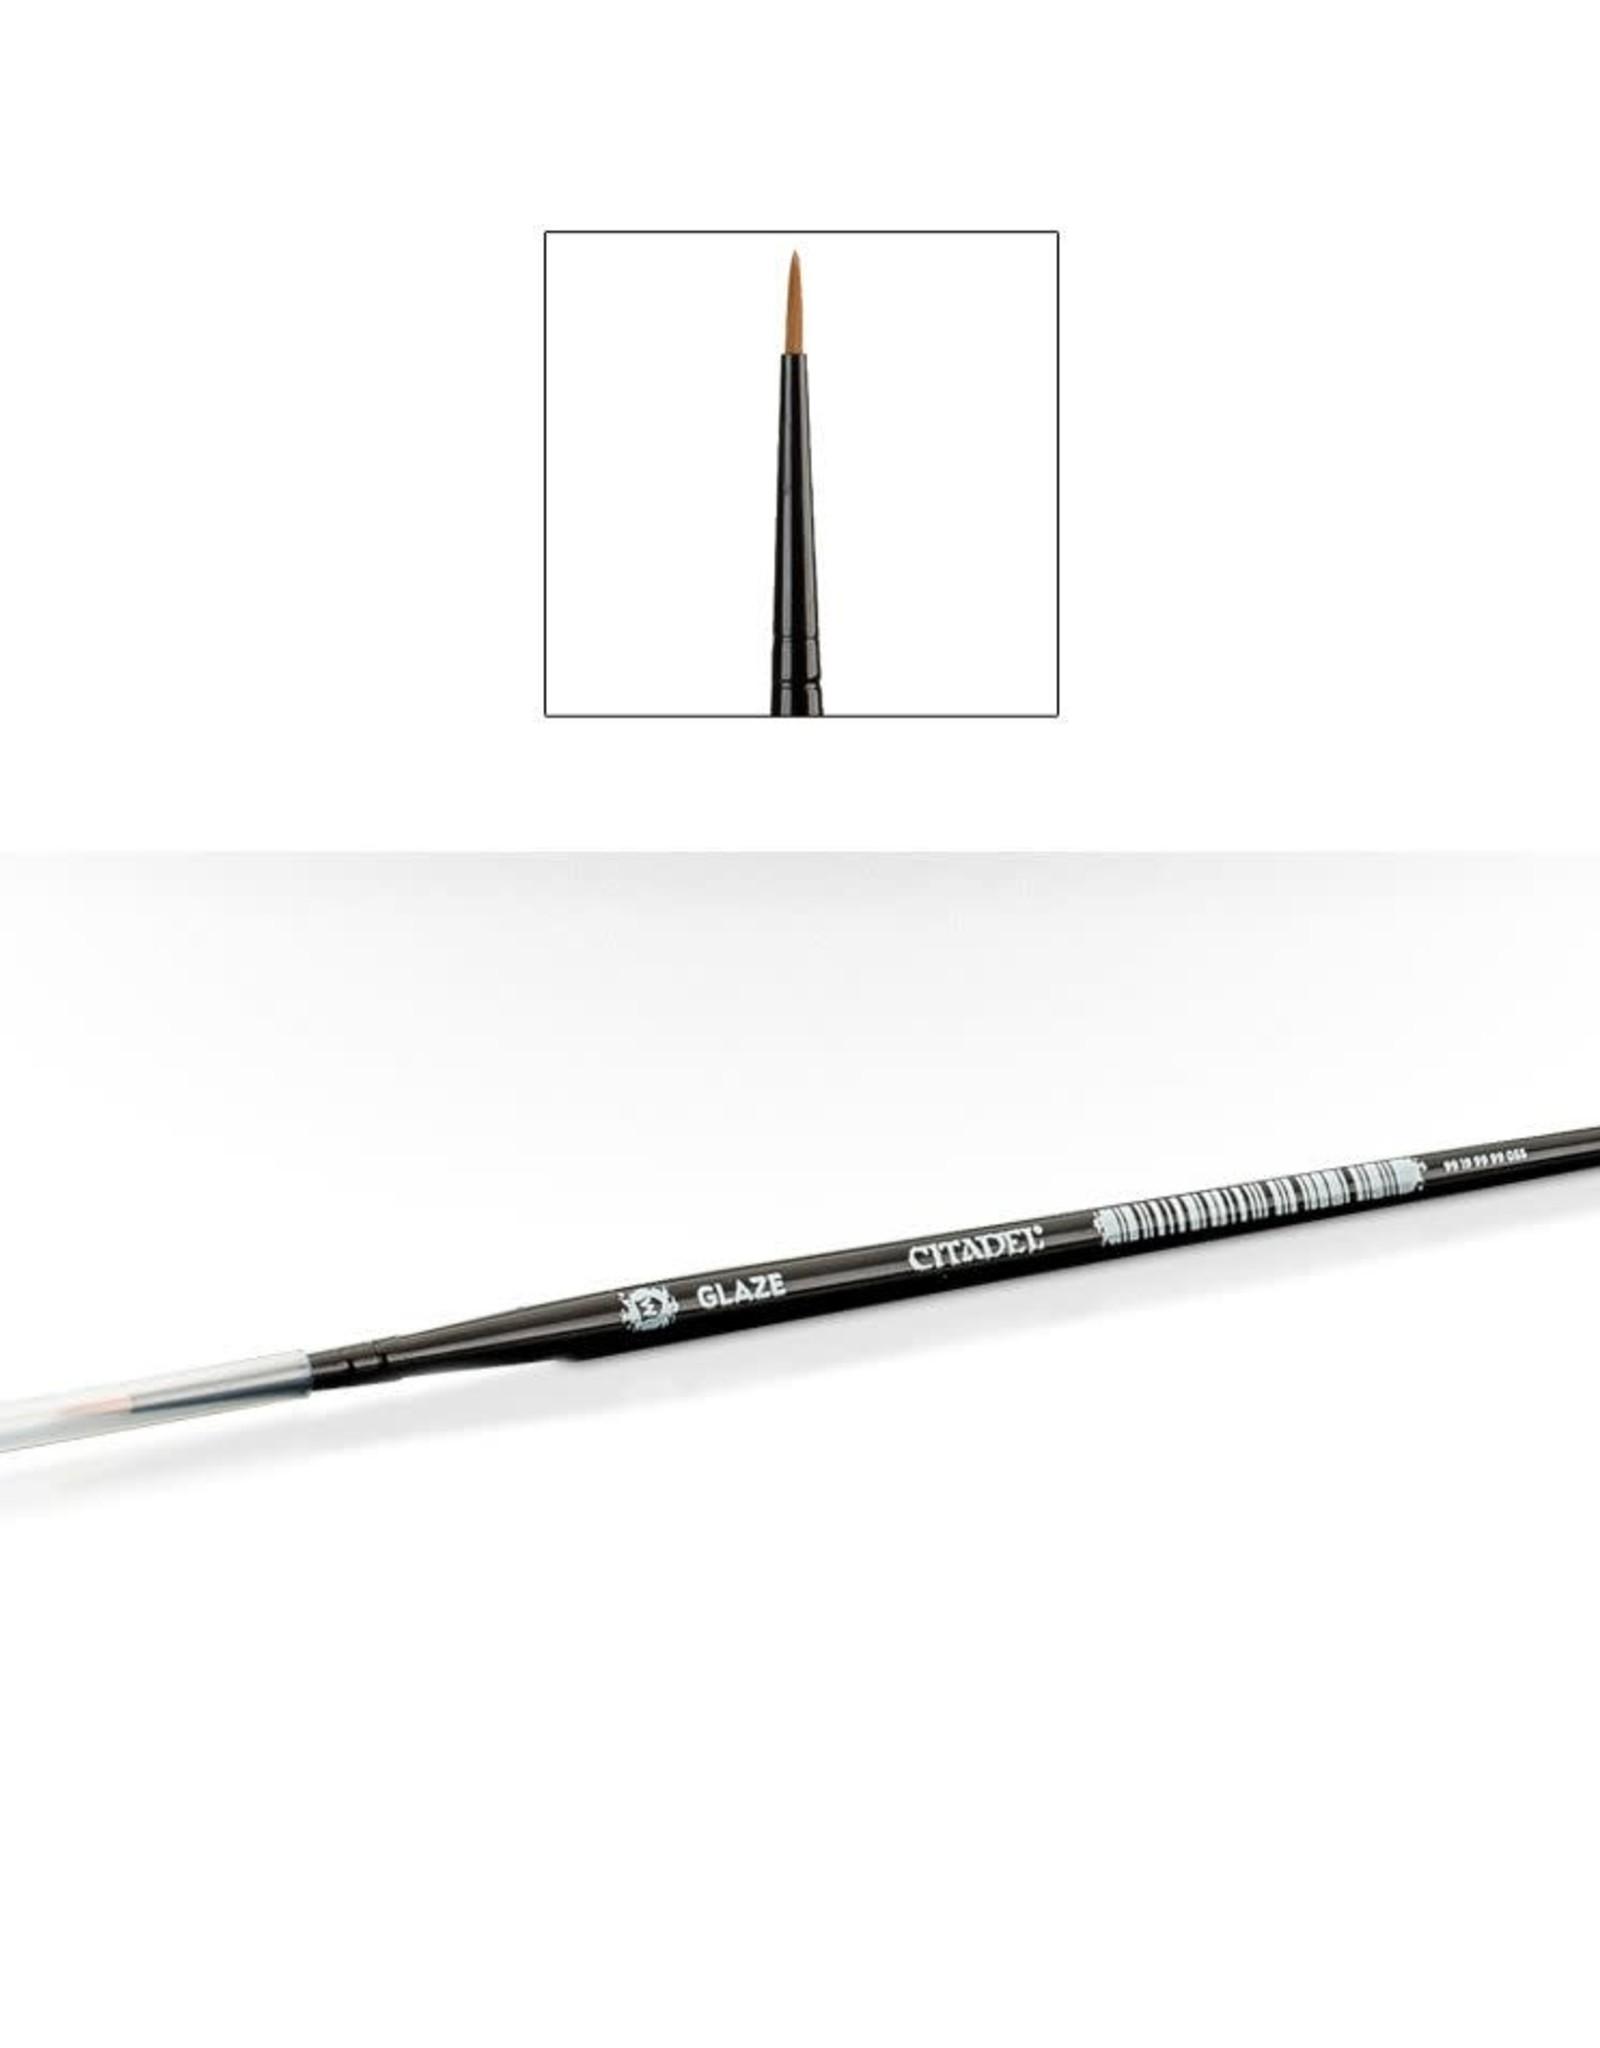 Citadel Brush: Medium Glaze